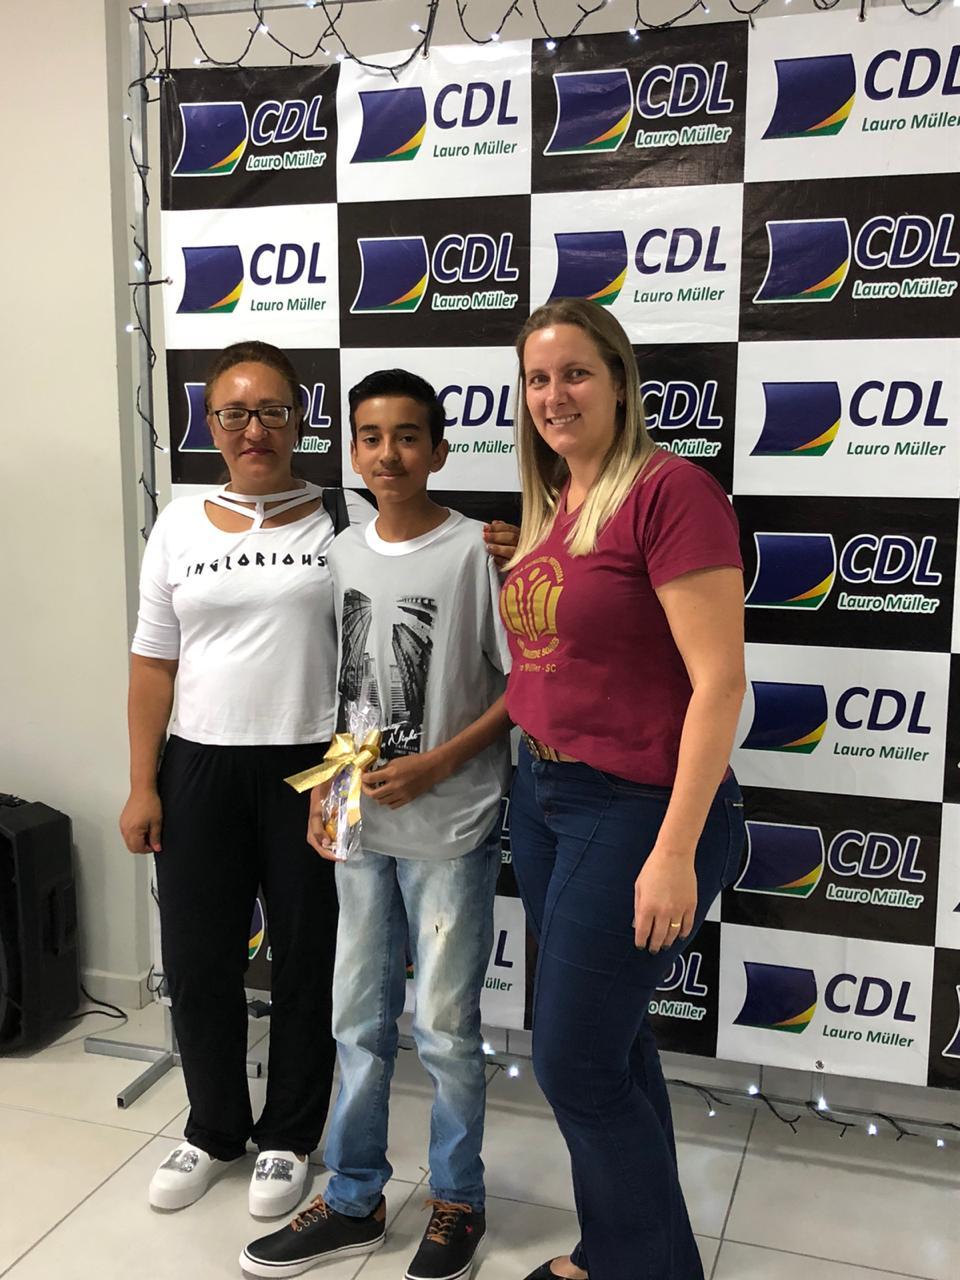 CDL premia ações de sensibilização ambiental em escolas municipais de Lauro Müller (10)